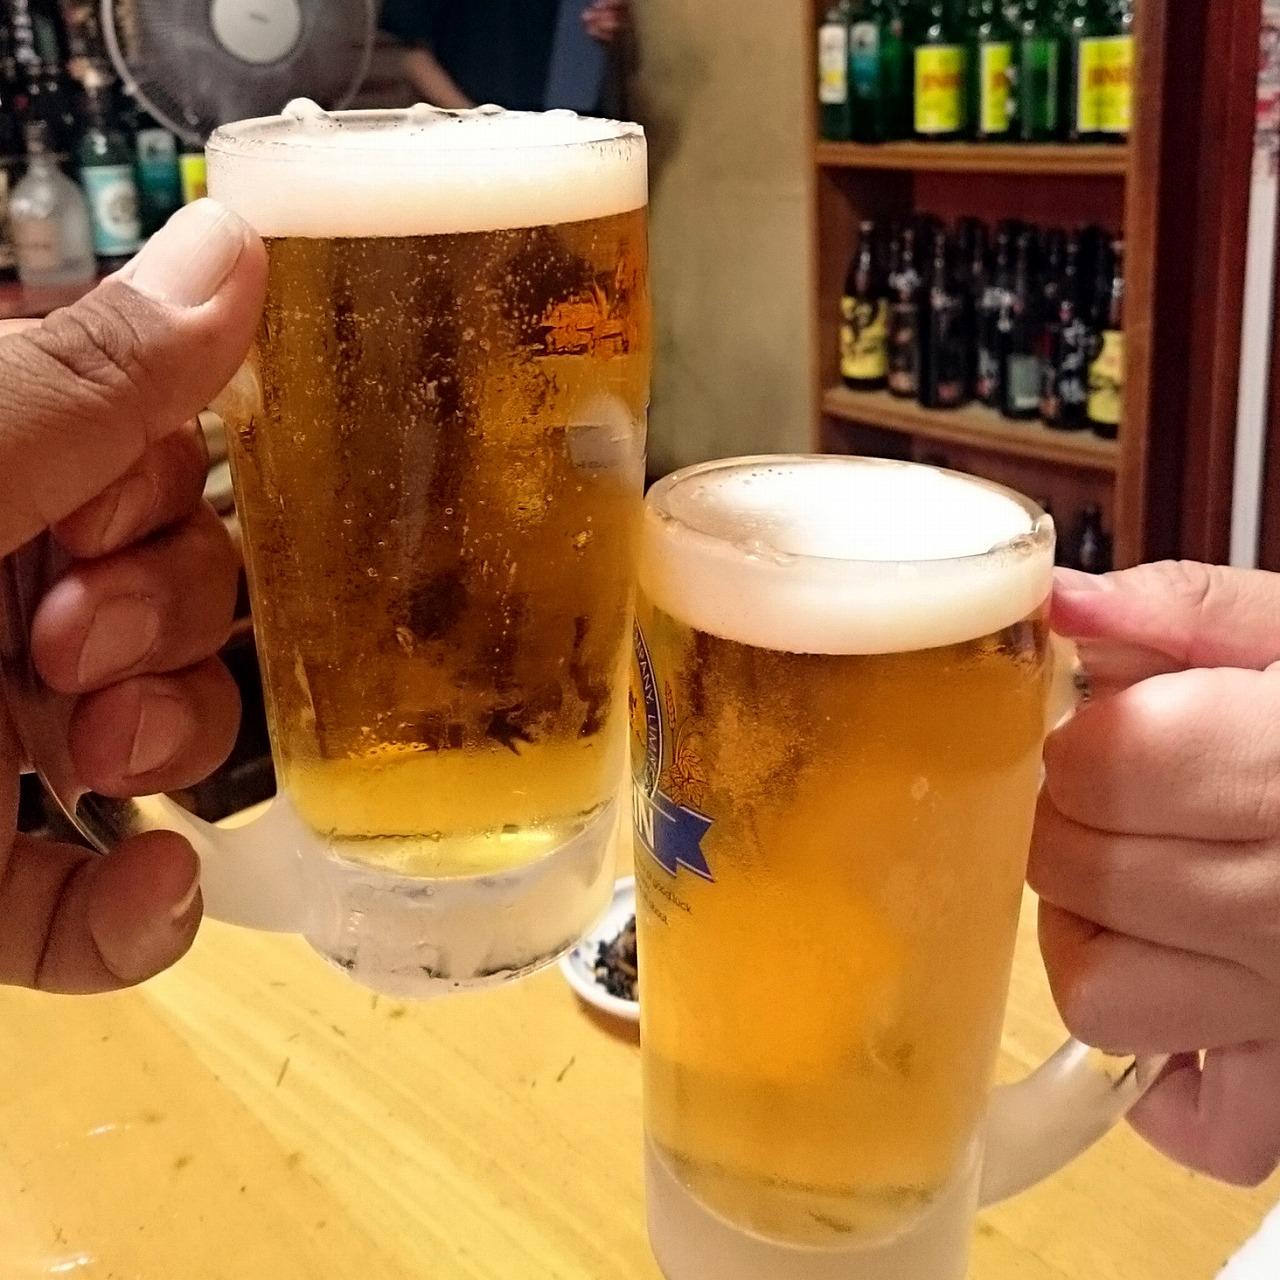 20150602-07_Drinking-02.jpg